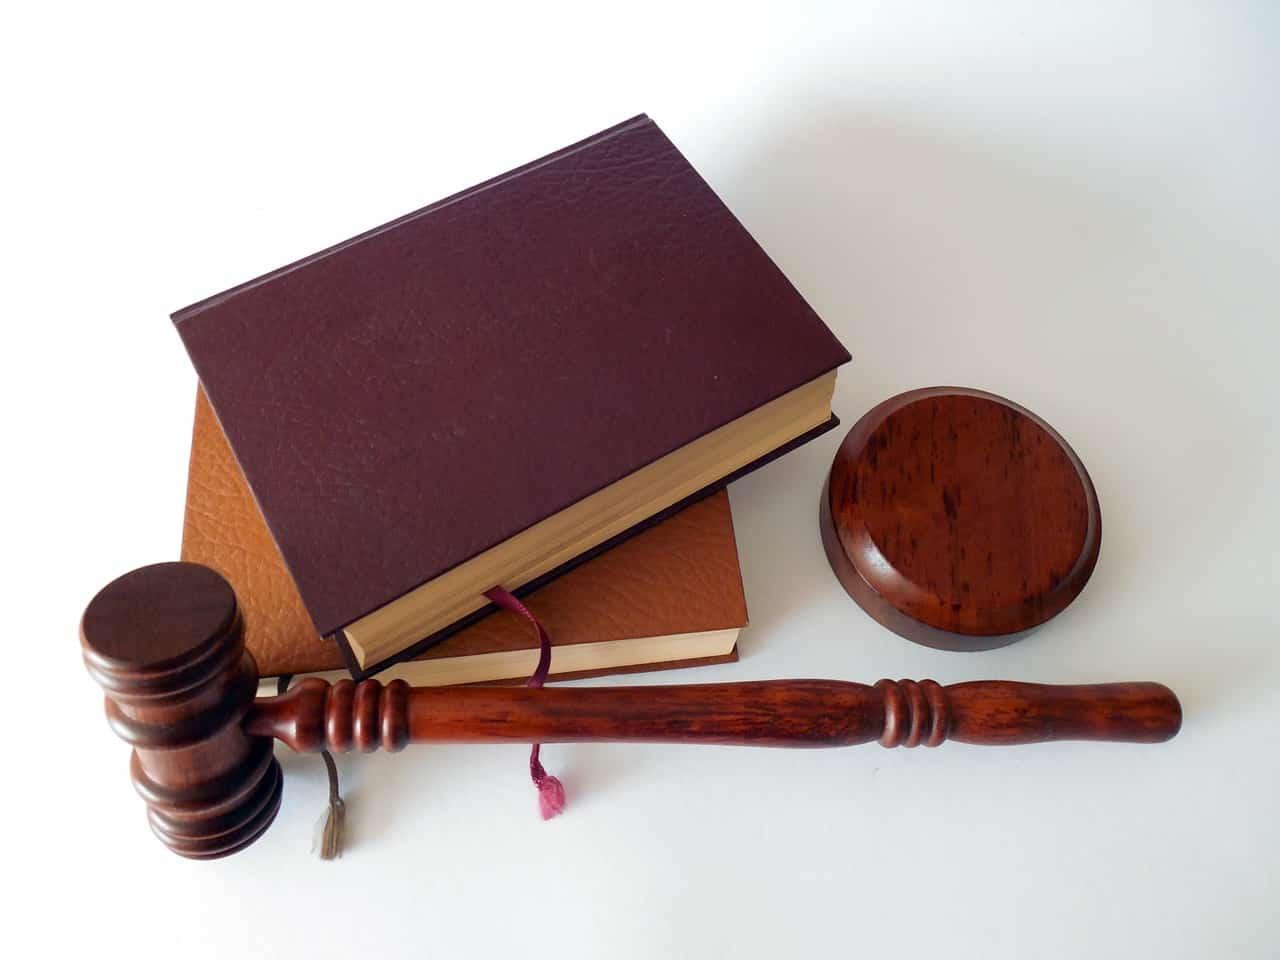 Désignation d'un administrateur provisoire en cas de copropriété dépourvue de syndic, sur le fondement de l'article 47 du décret de 1967 : la demande peut être présentée par anticipation